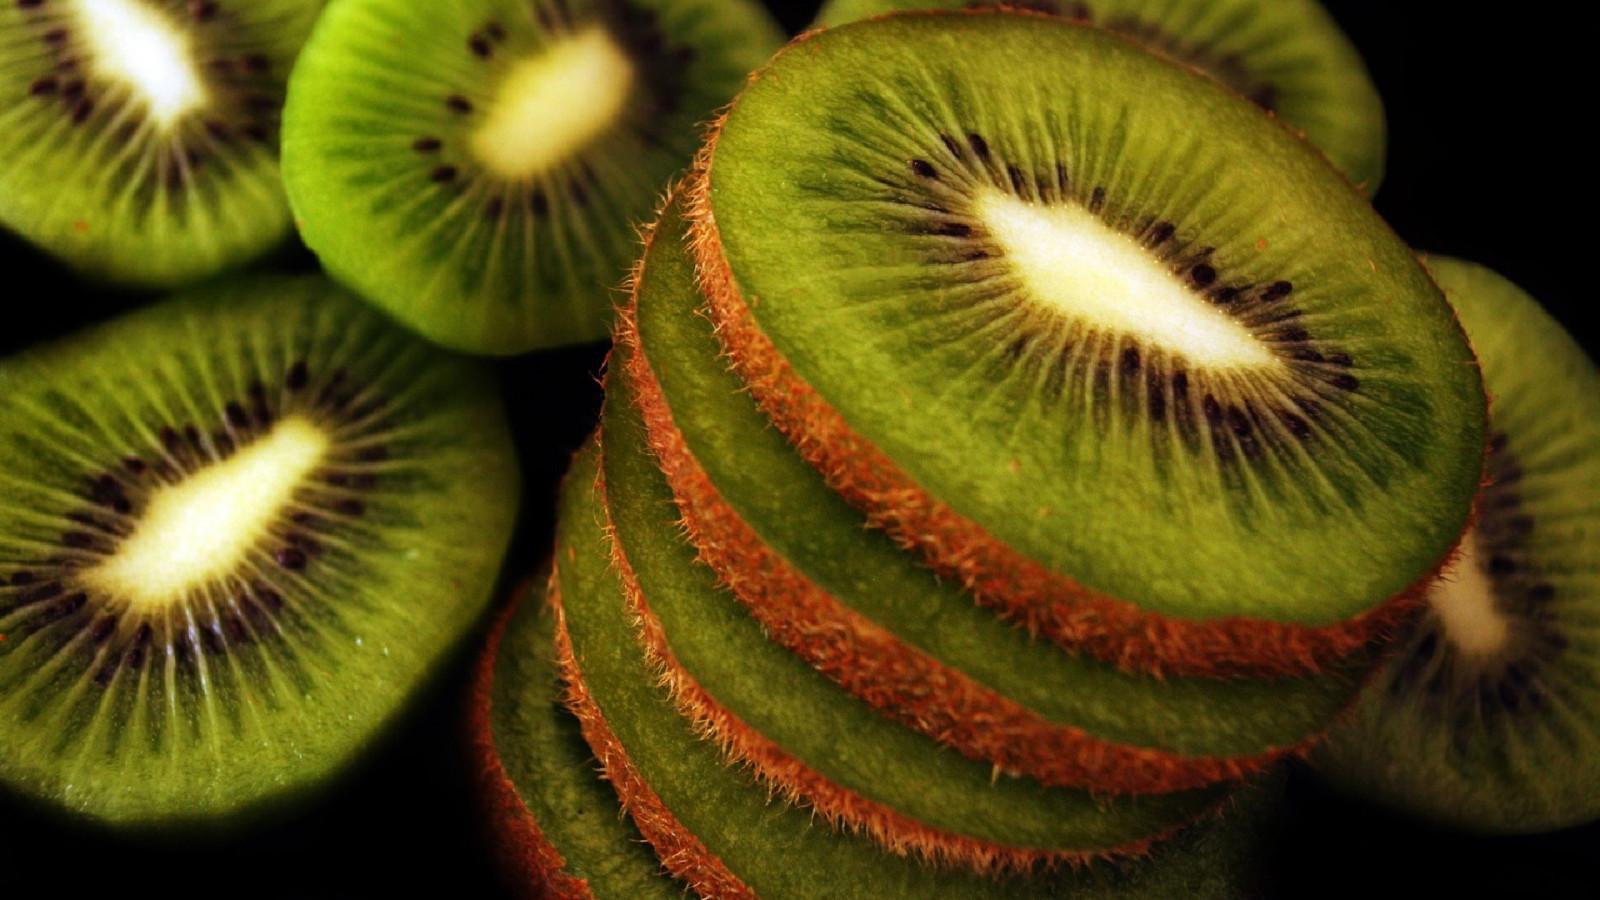 food, photography, macro, fruit, green, kiwi fruit, flower, plant, flora, kiwi, produce, close up, macro photography, organism, kiwifruit, carnivorous plant